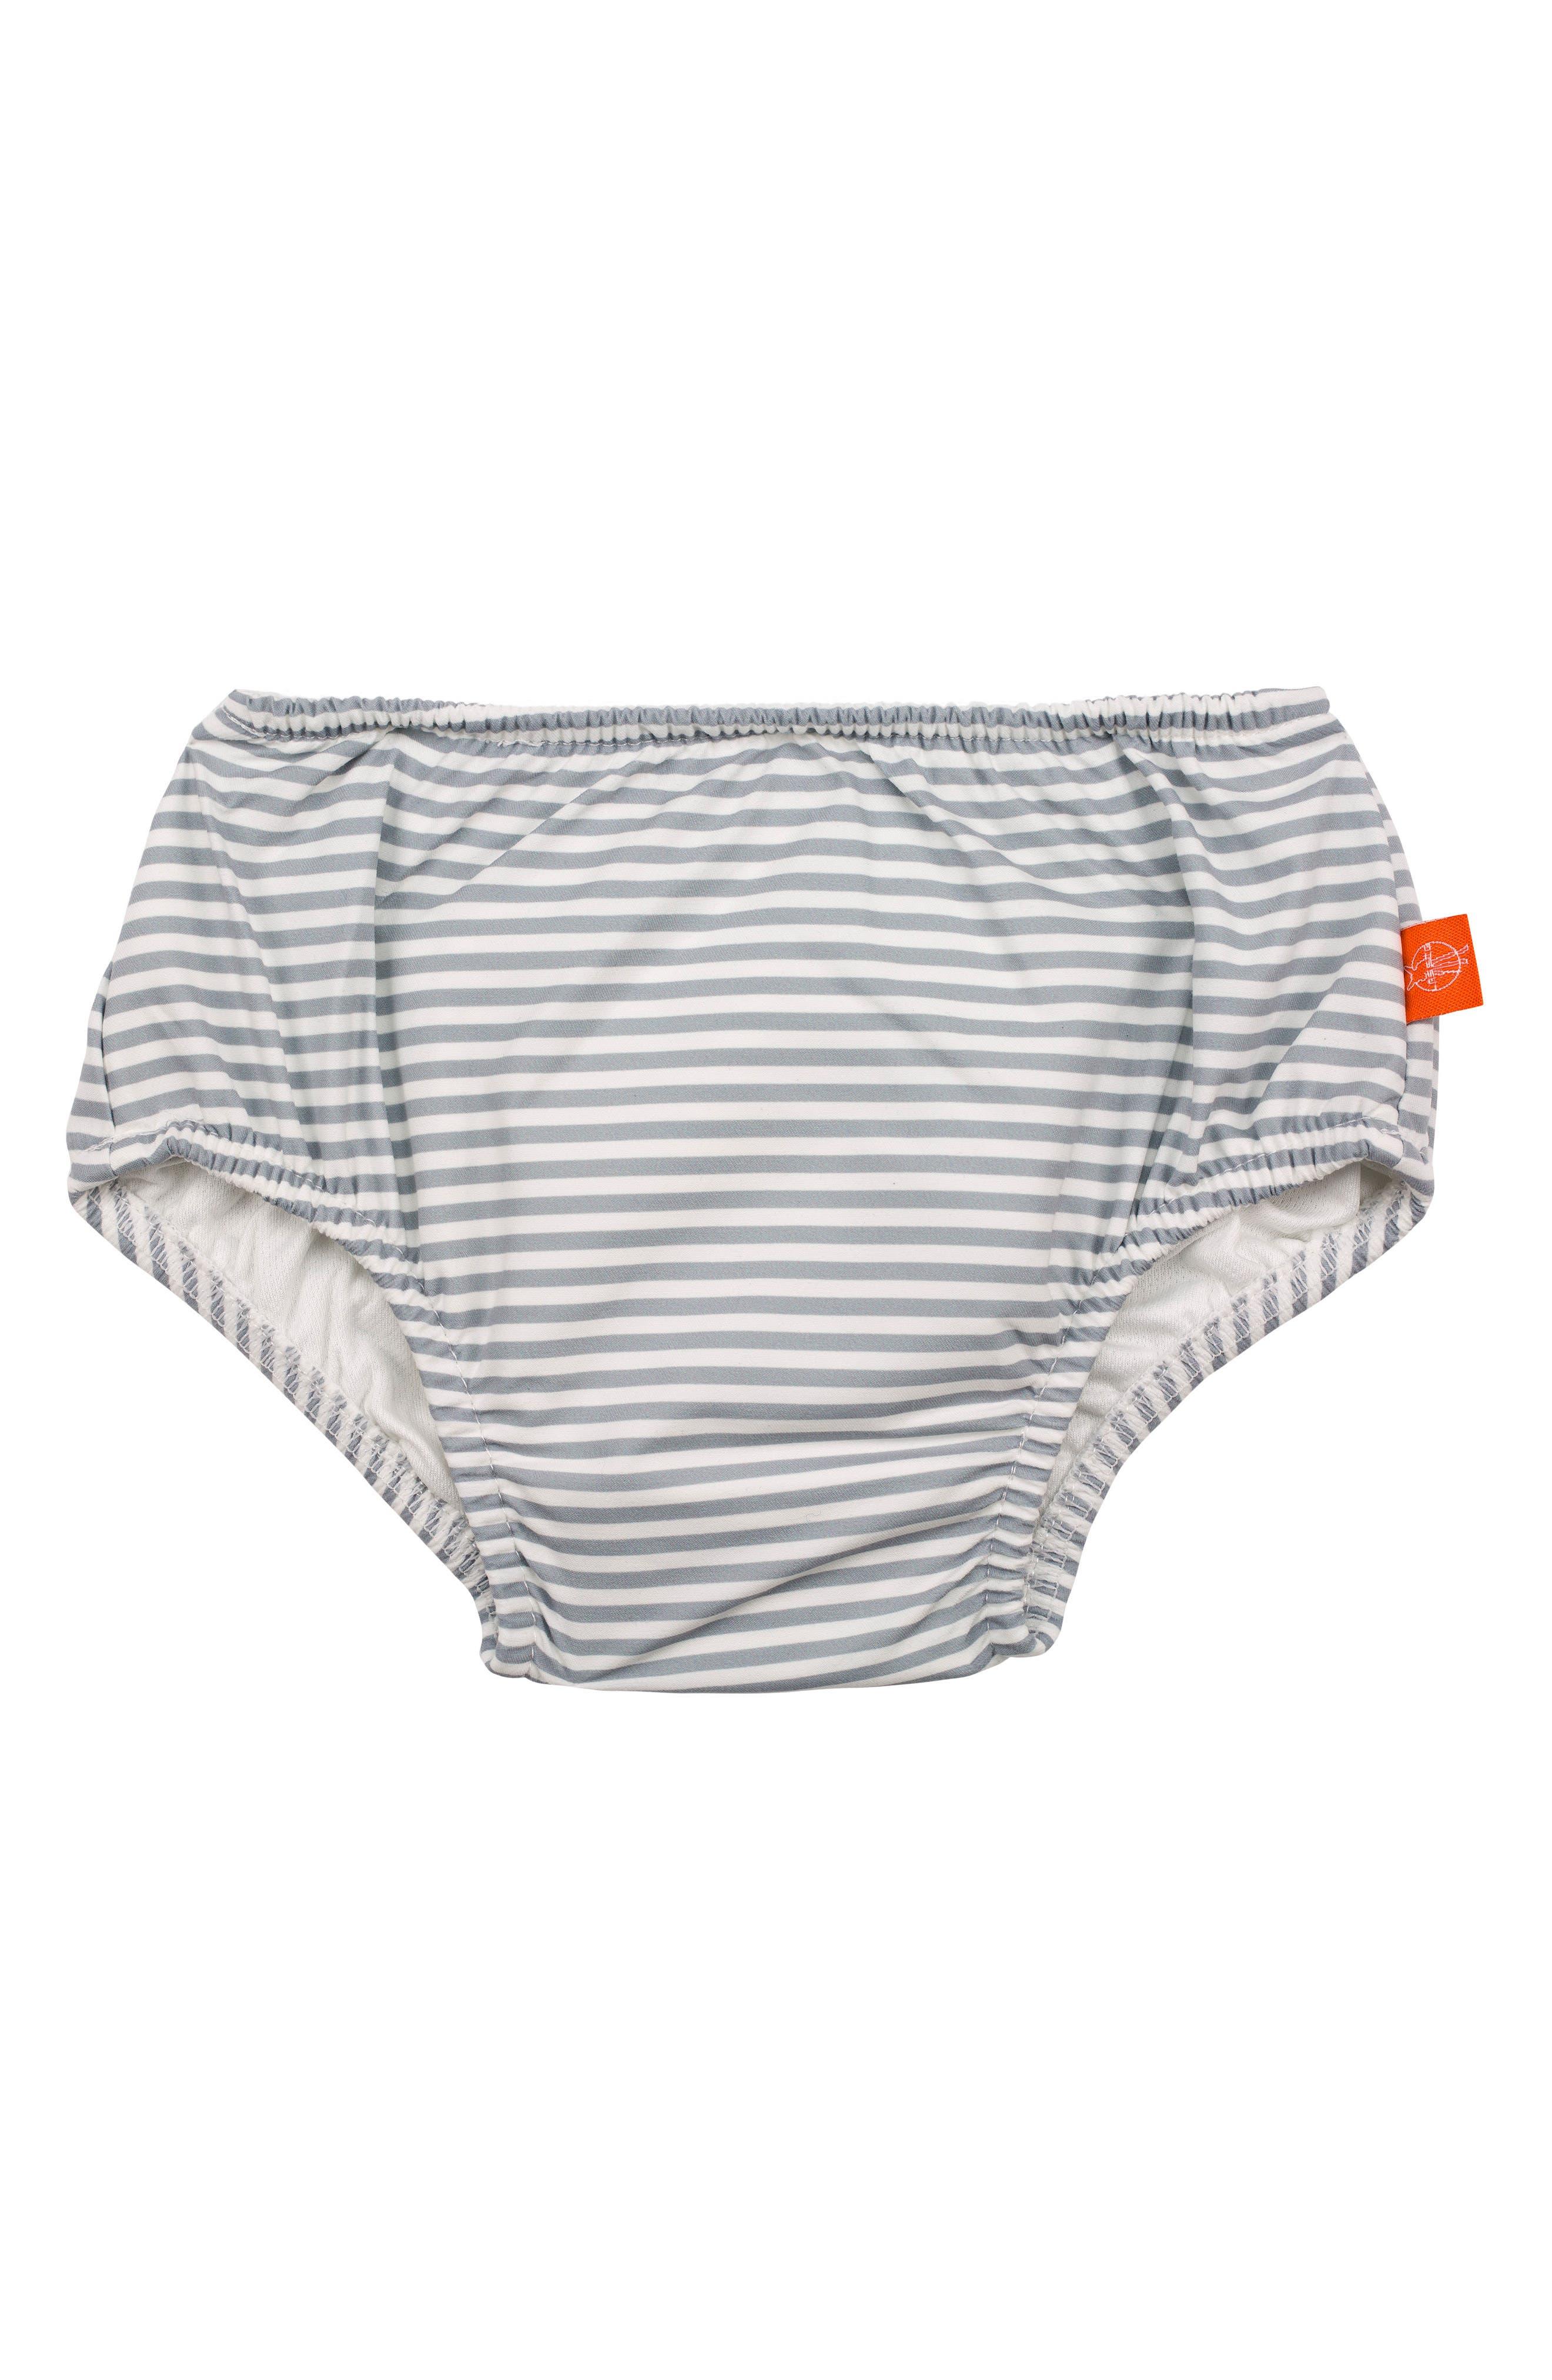 Submarine Swim Diaper Cover,                         Main,                         color, Grey Orange